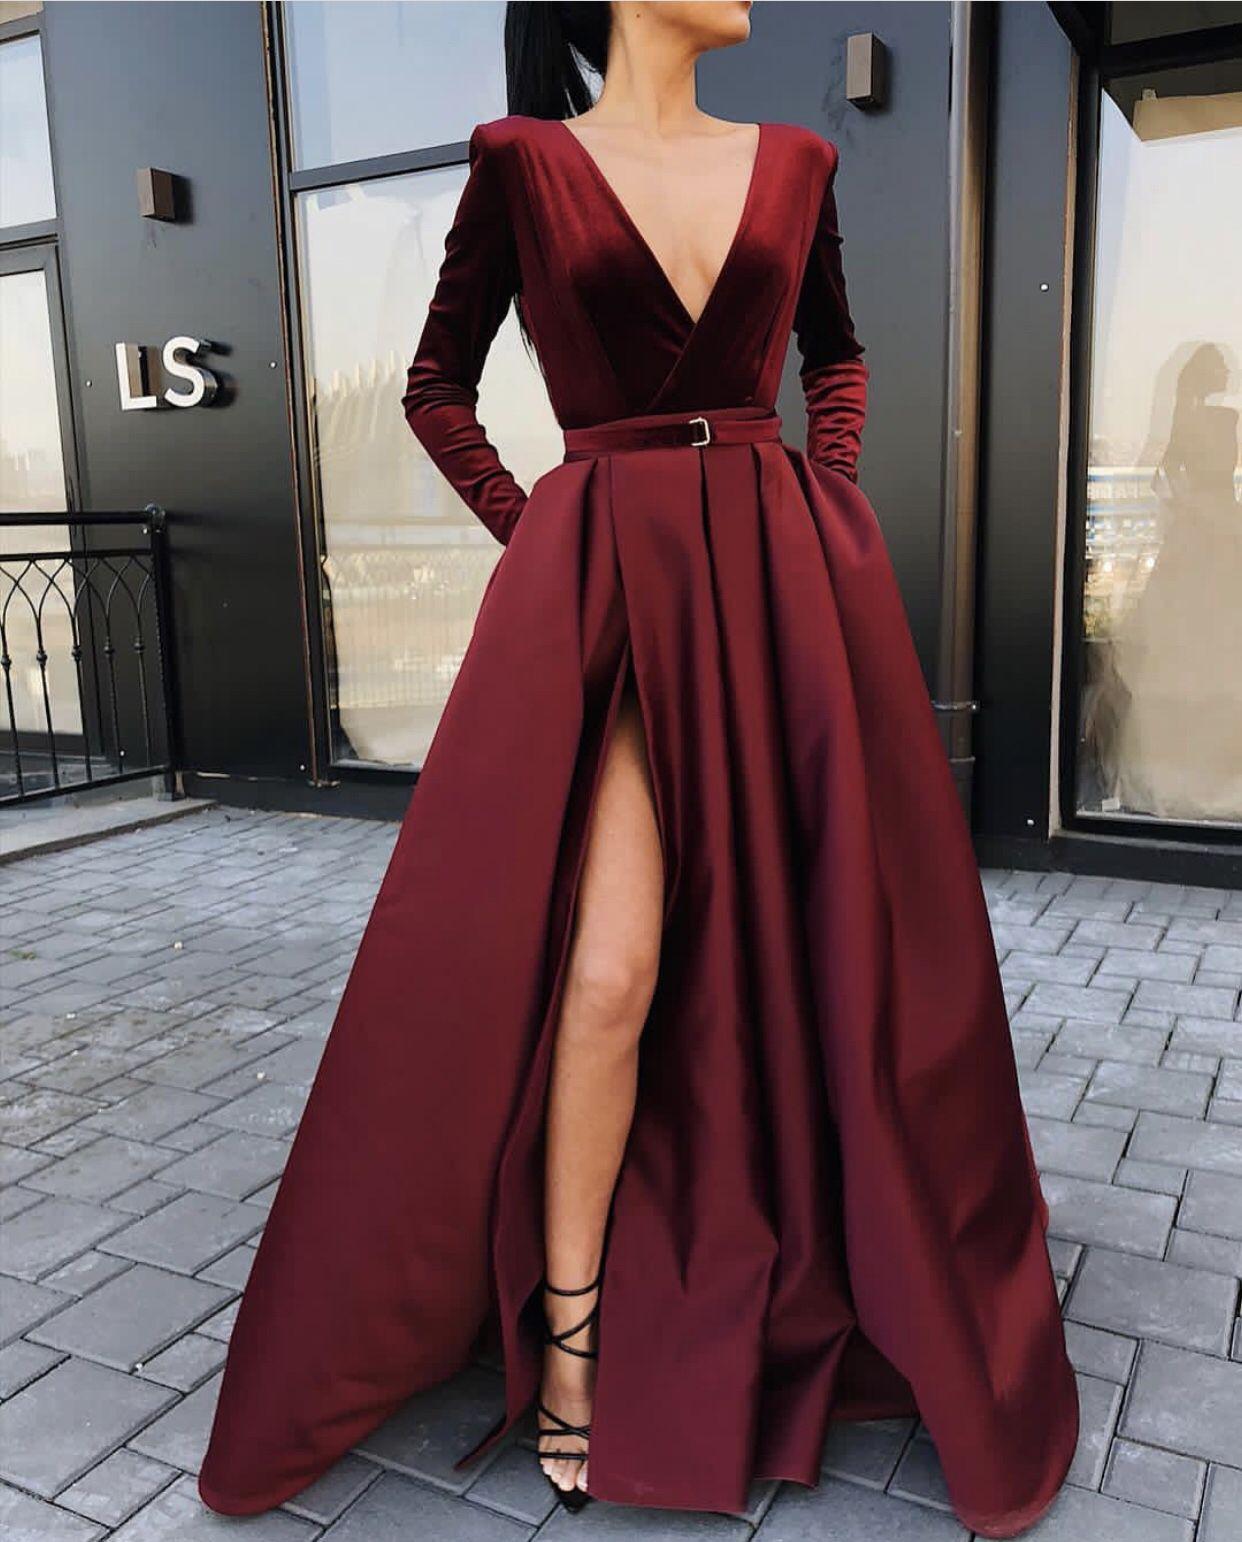 Pinterestkarenmontilla25 En 2019 Vestidos De Fiesta